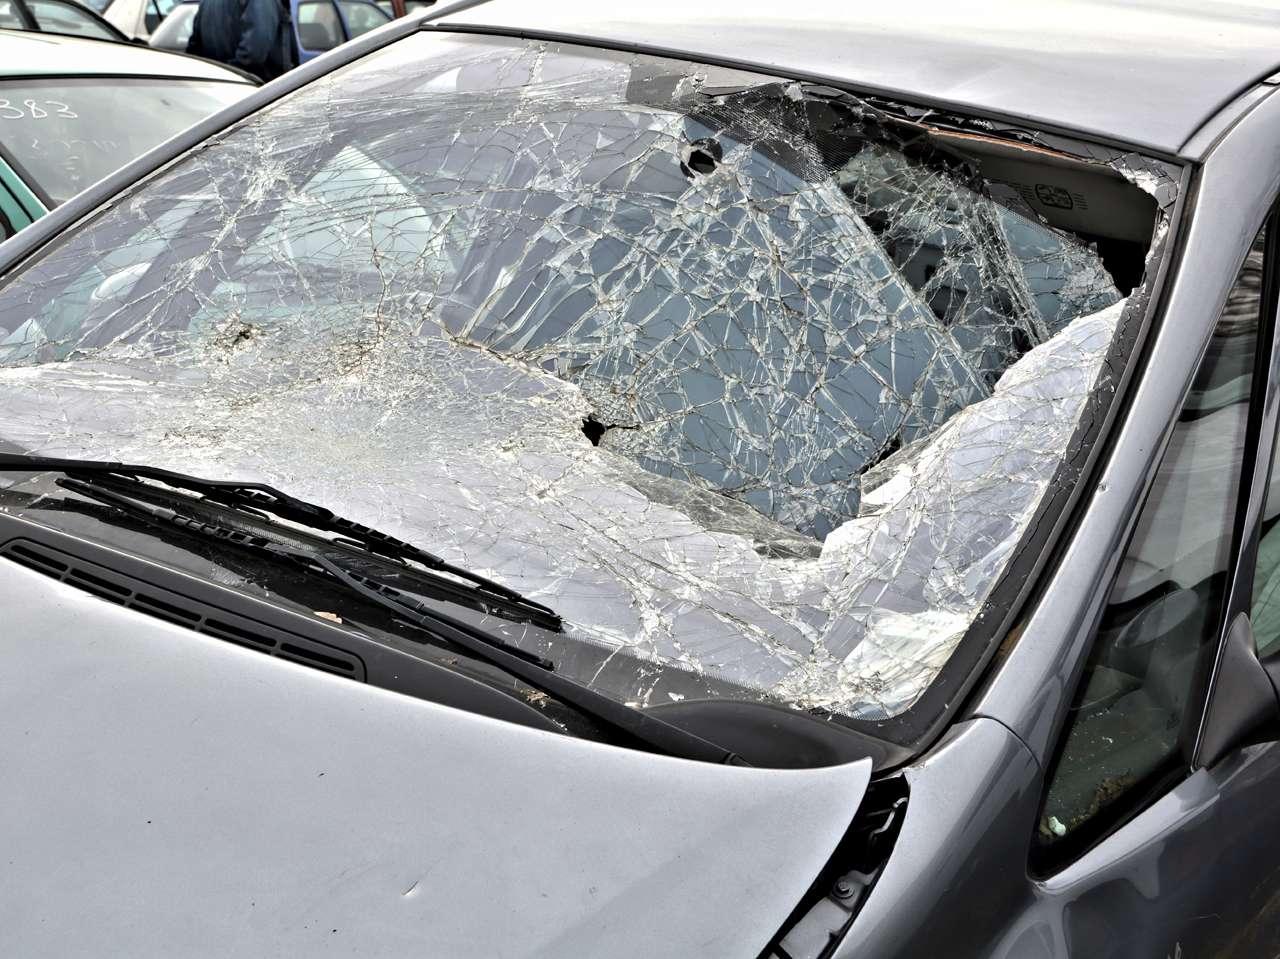 Ventana rota de un automóvil Foto: iStockphoto